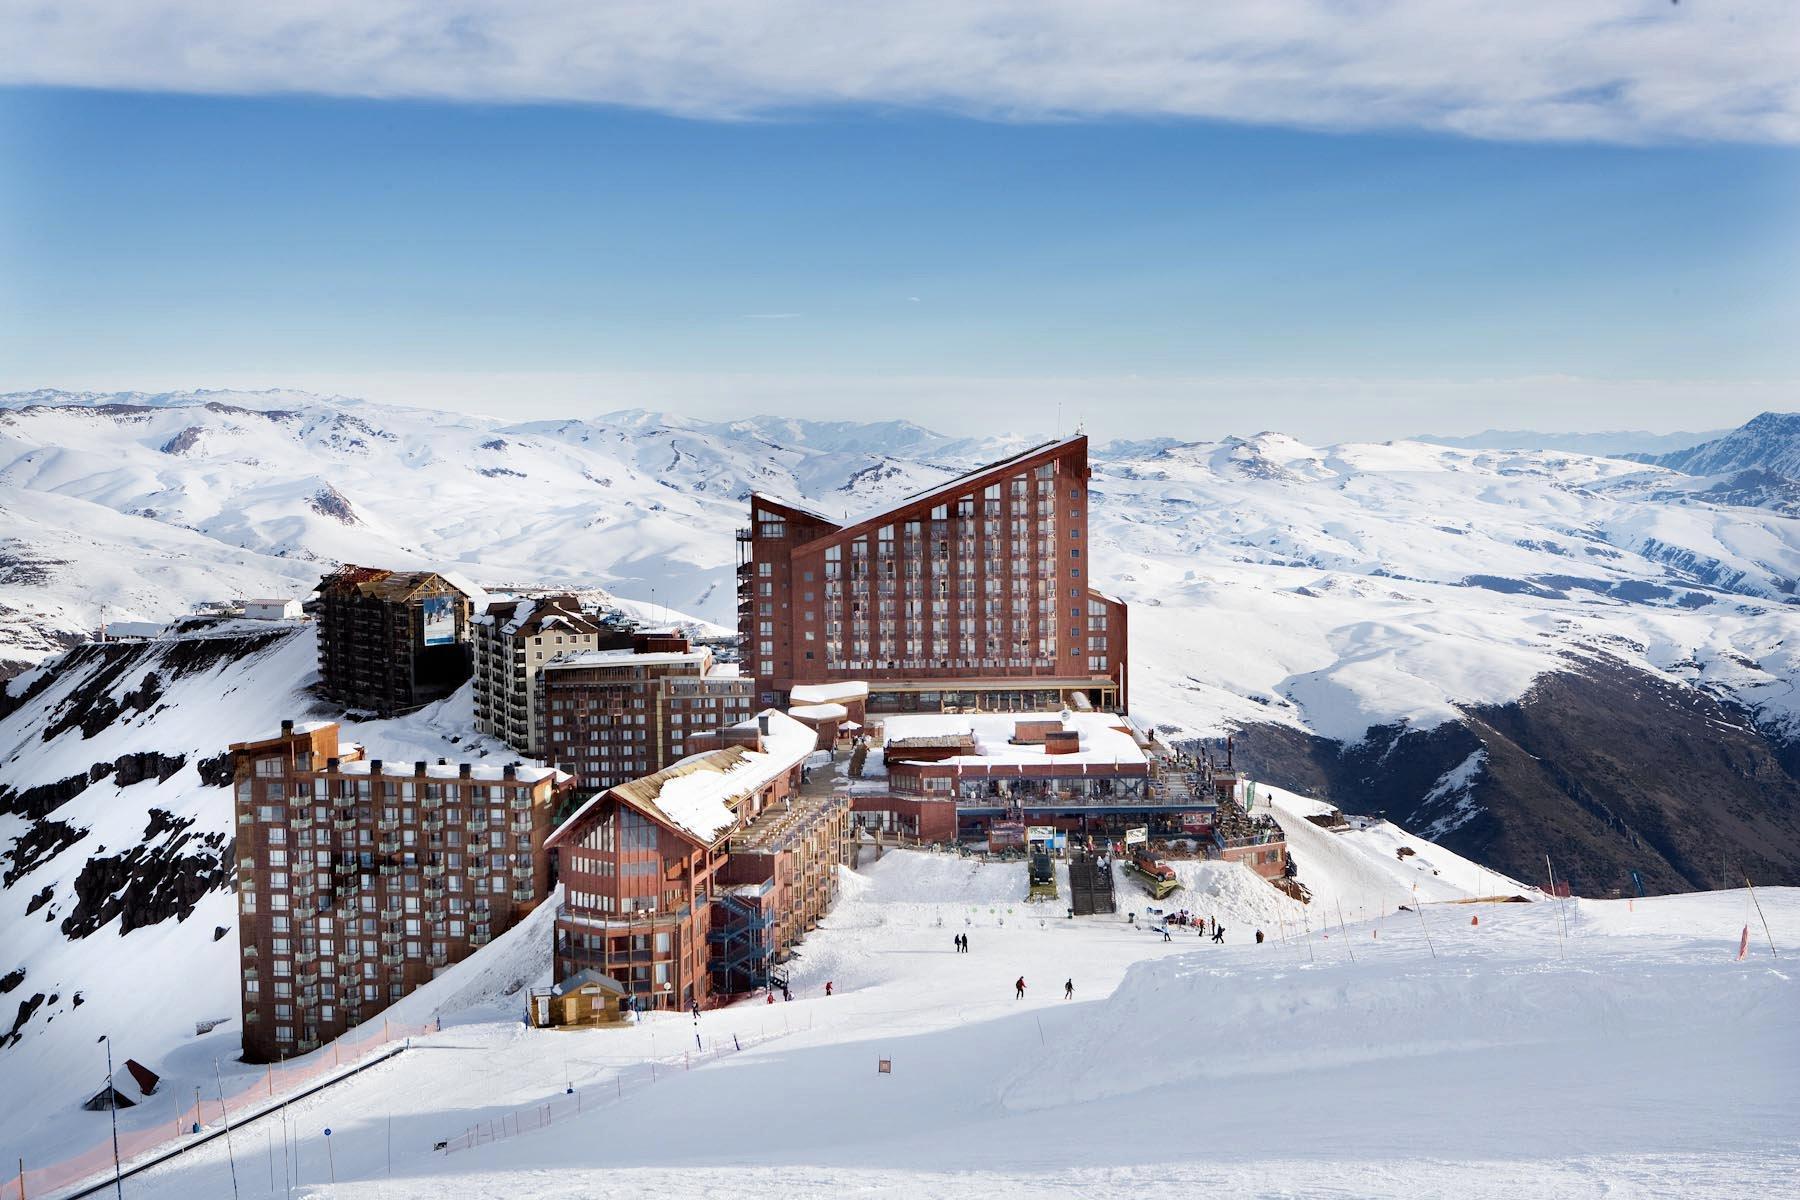 Guia para esquiar no Valle Nevado